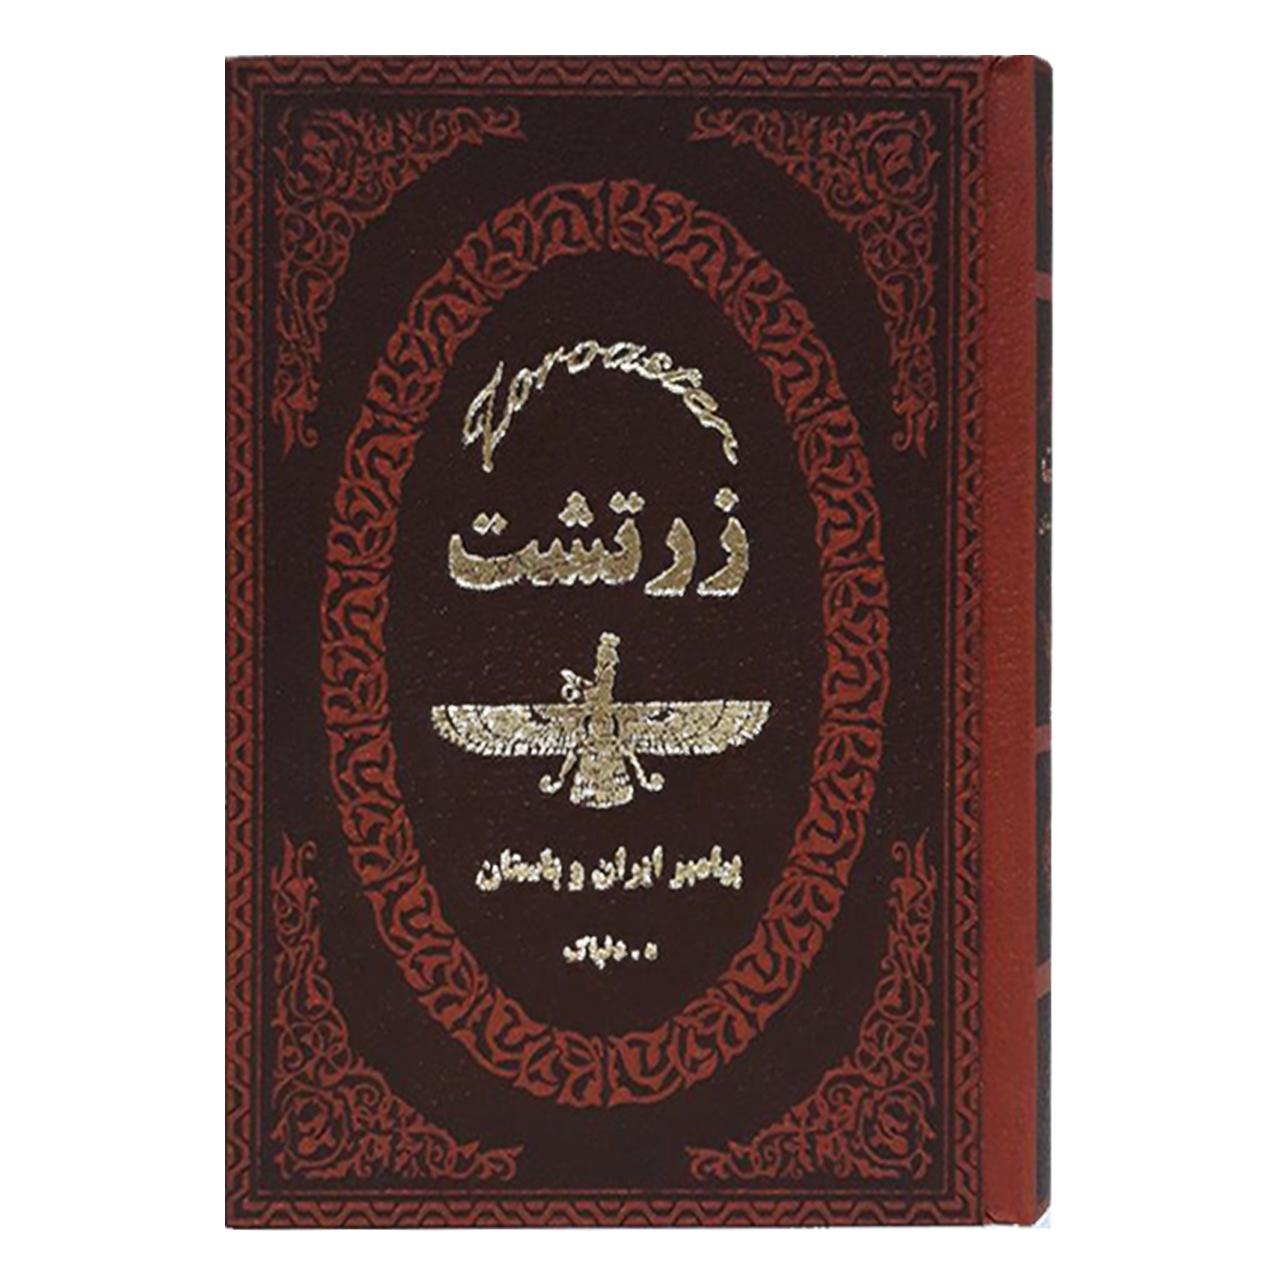 کتاب زرتشت پیامبر ایران باستان اثر هدایت اله دلپاک انتشارات پارمیس